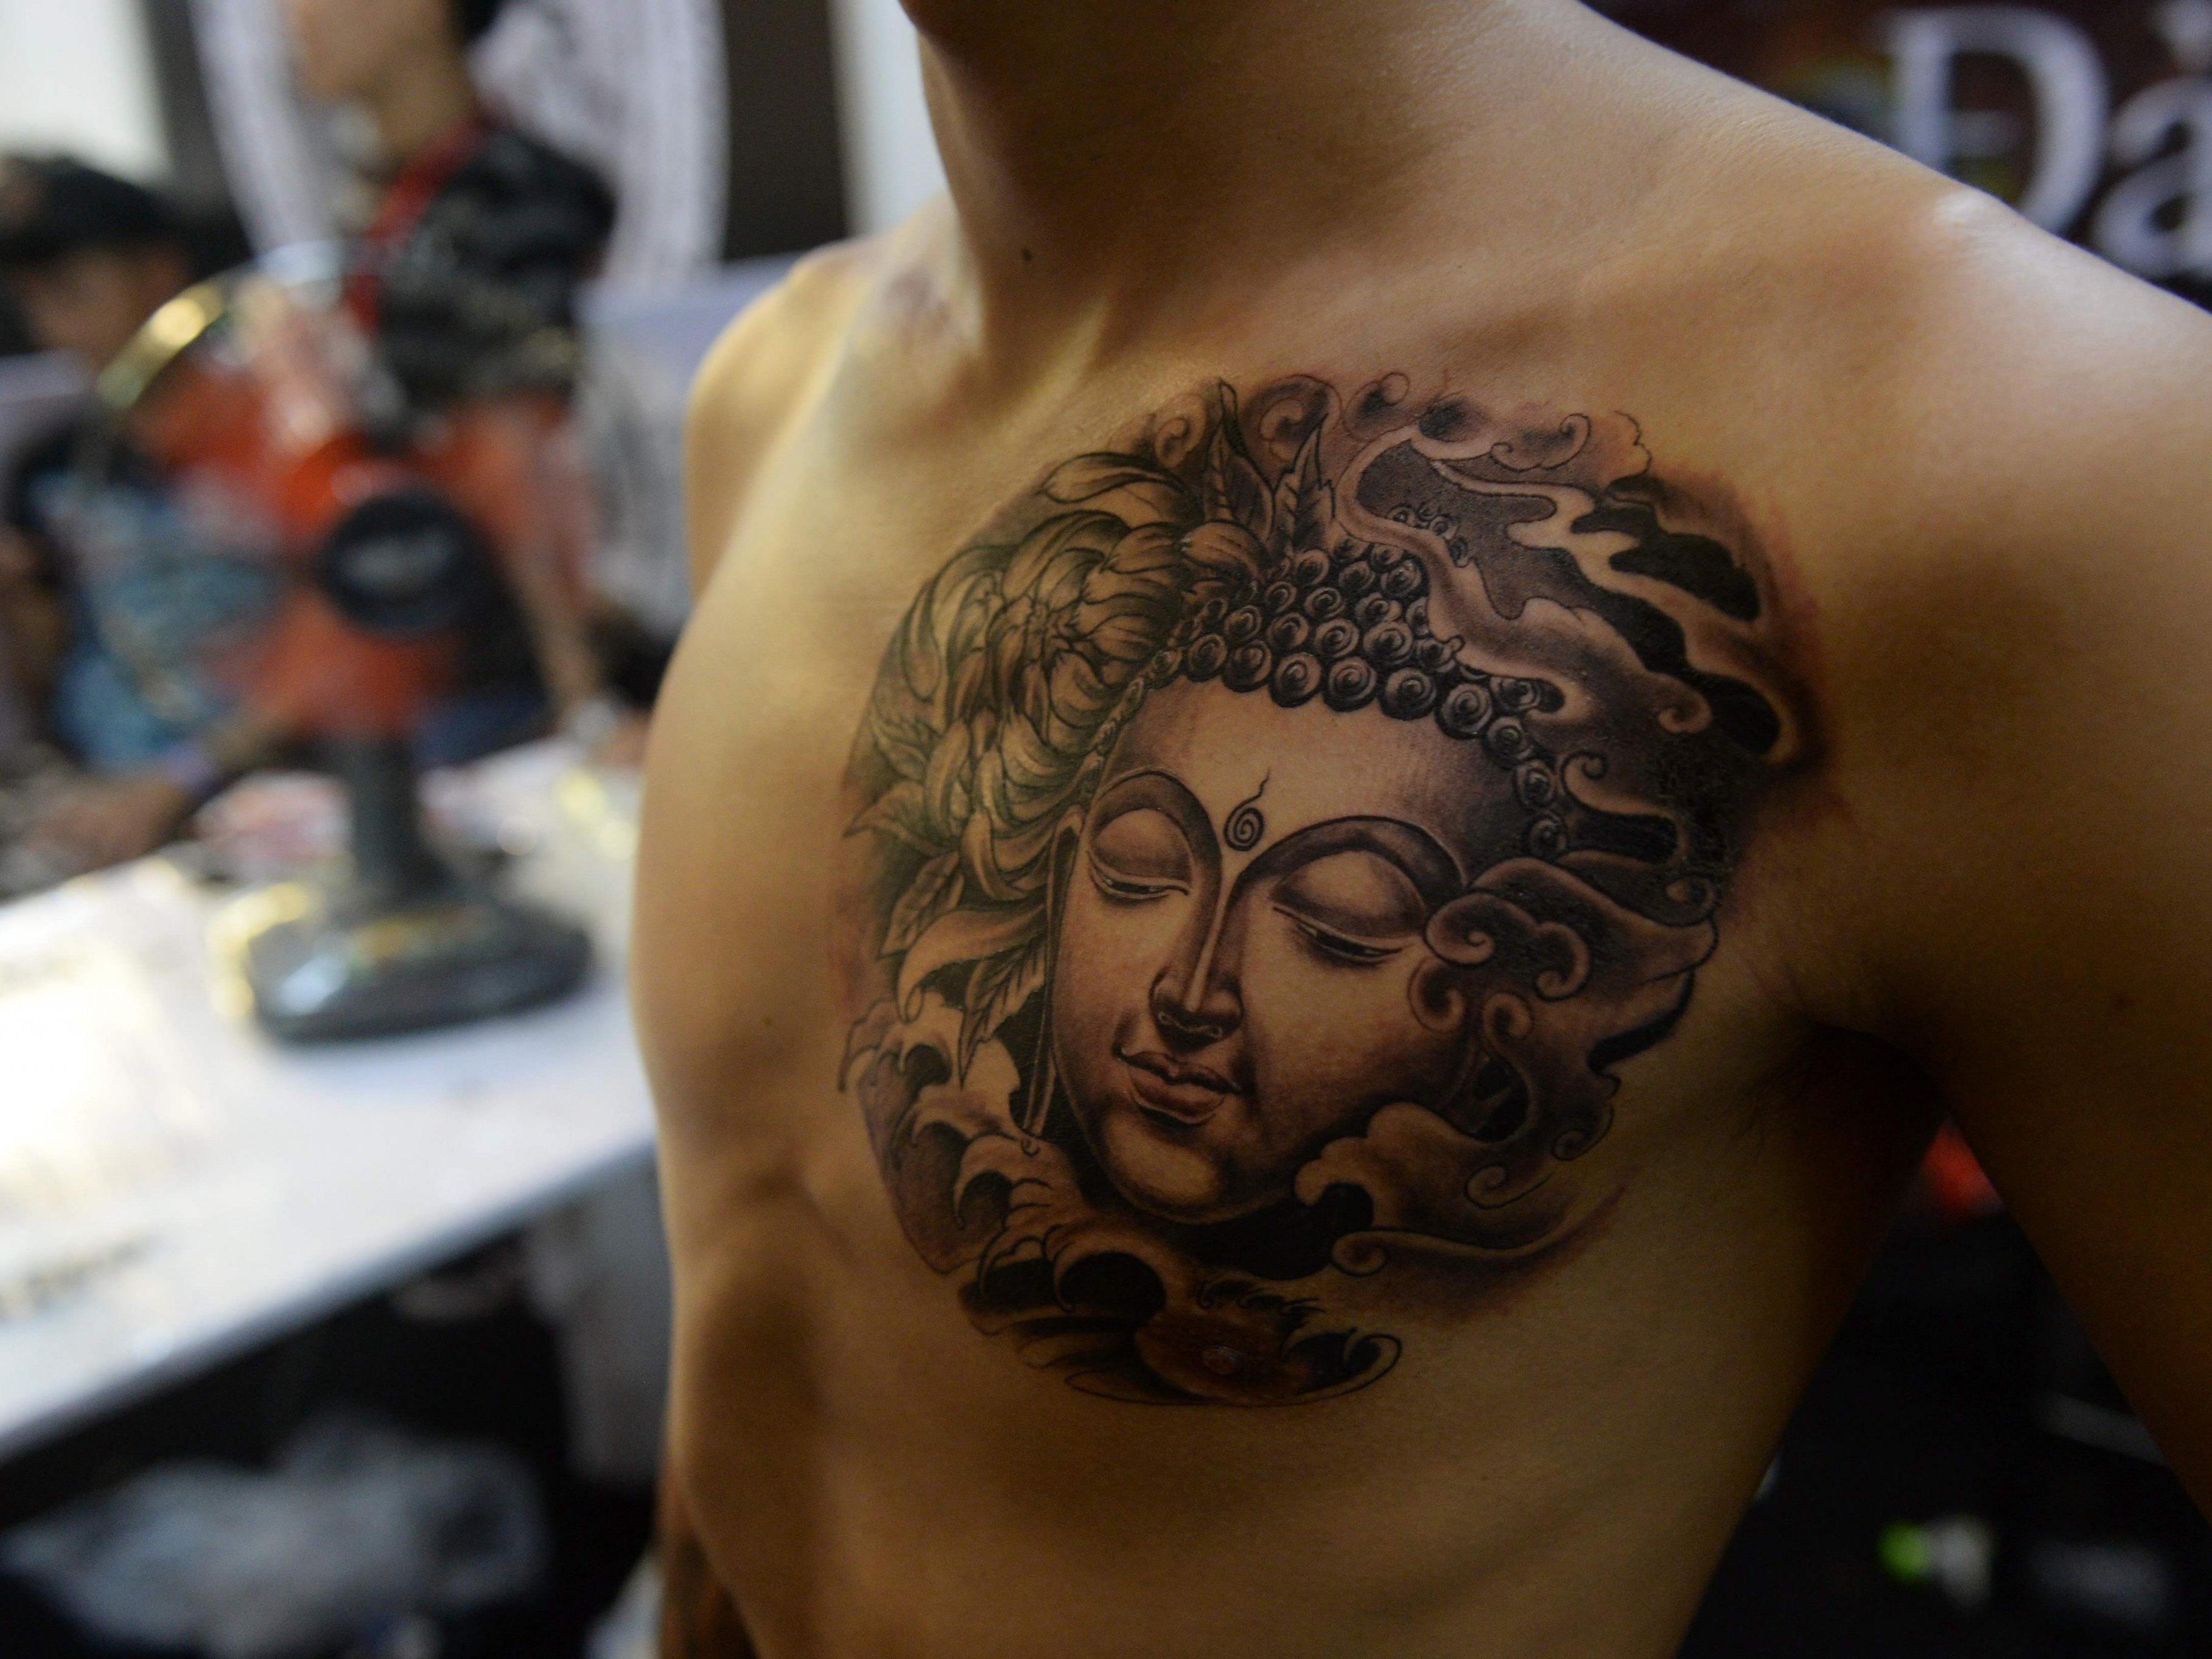 Wegen eines Tattoos fühlten sich die Mönche beleidigt